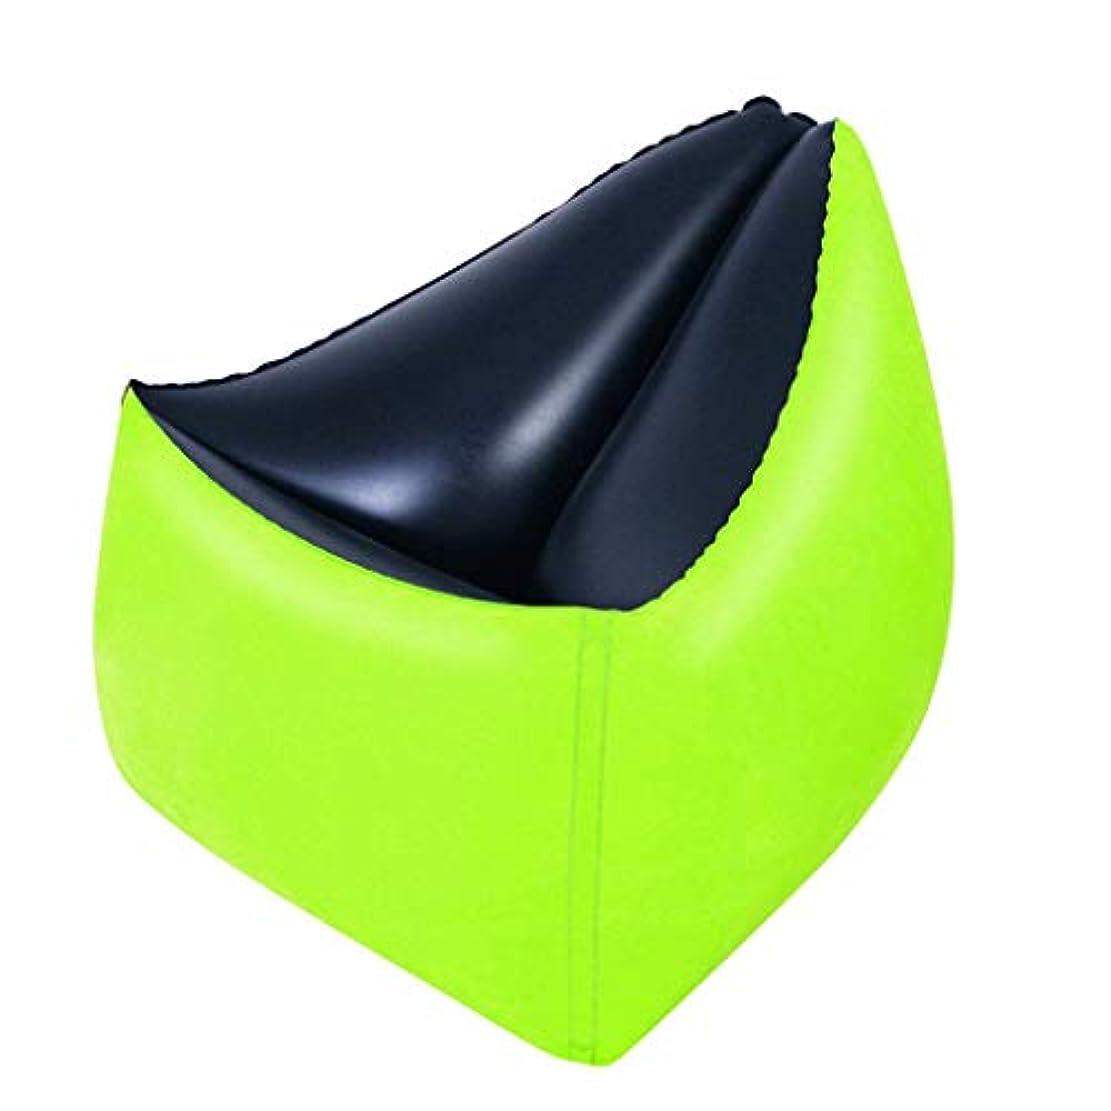 粒ミリメーター拍手折りたたみ椅子ファッション怠惰なソファ屋外インフレータブルチェアファッションソファインフレータブルラウンジチェア(グリーン)を昼寝インフレータブルソファエアベッド